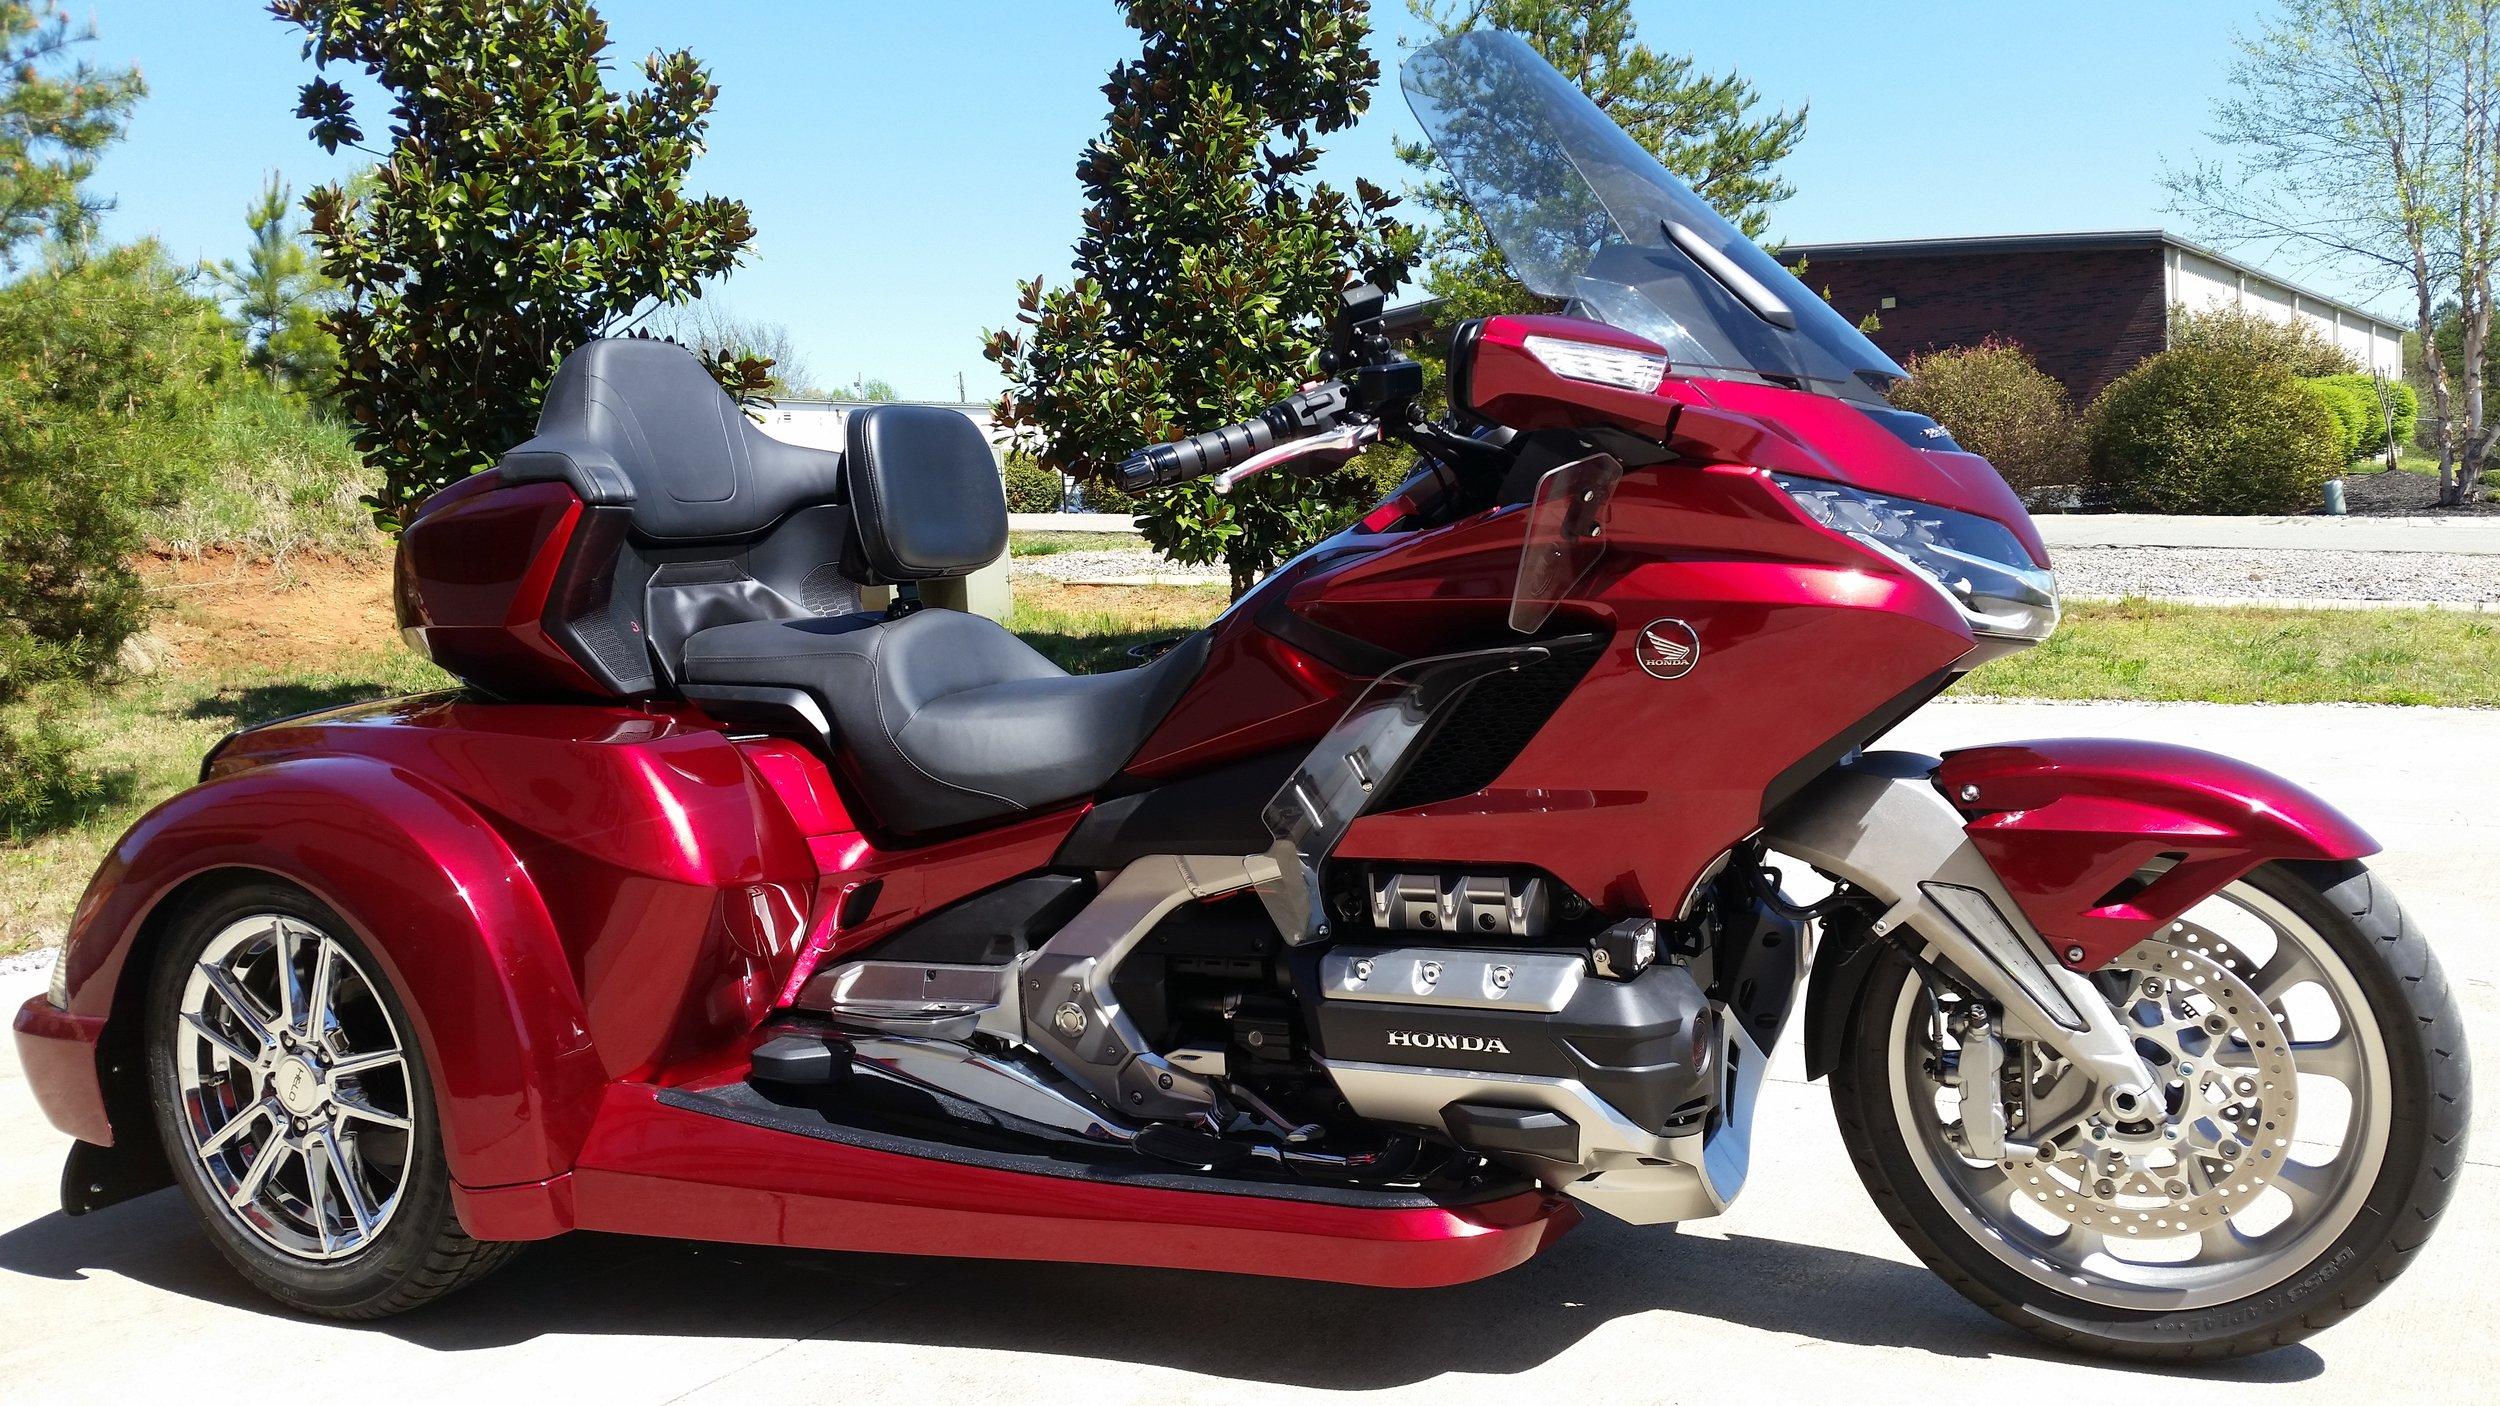 2018 GL1800 Trike Red